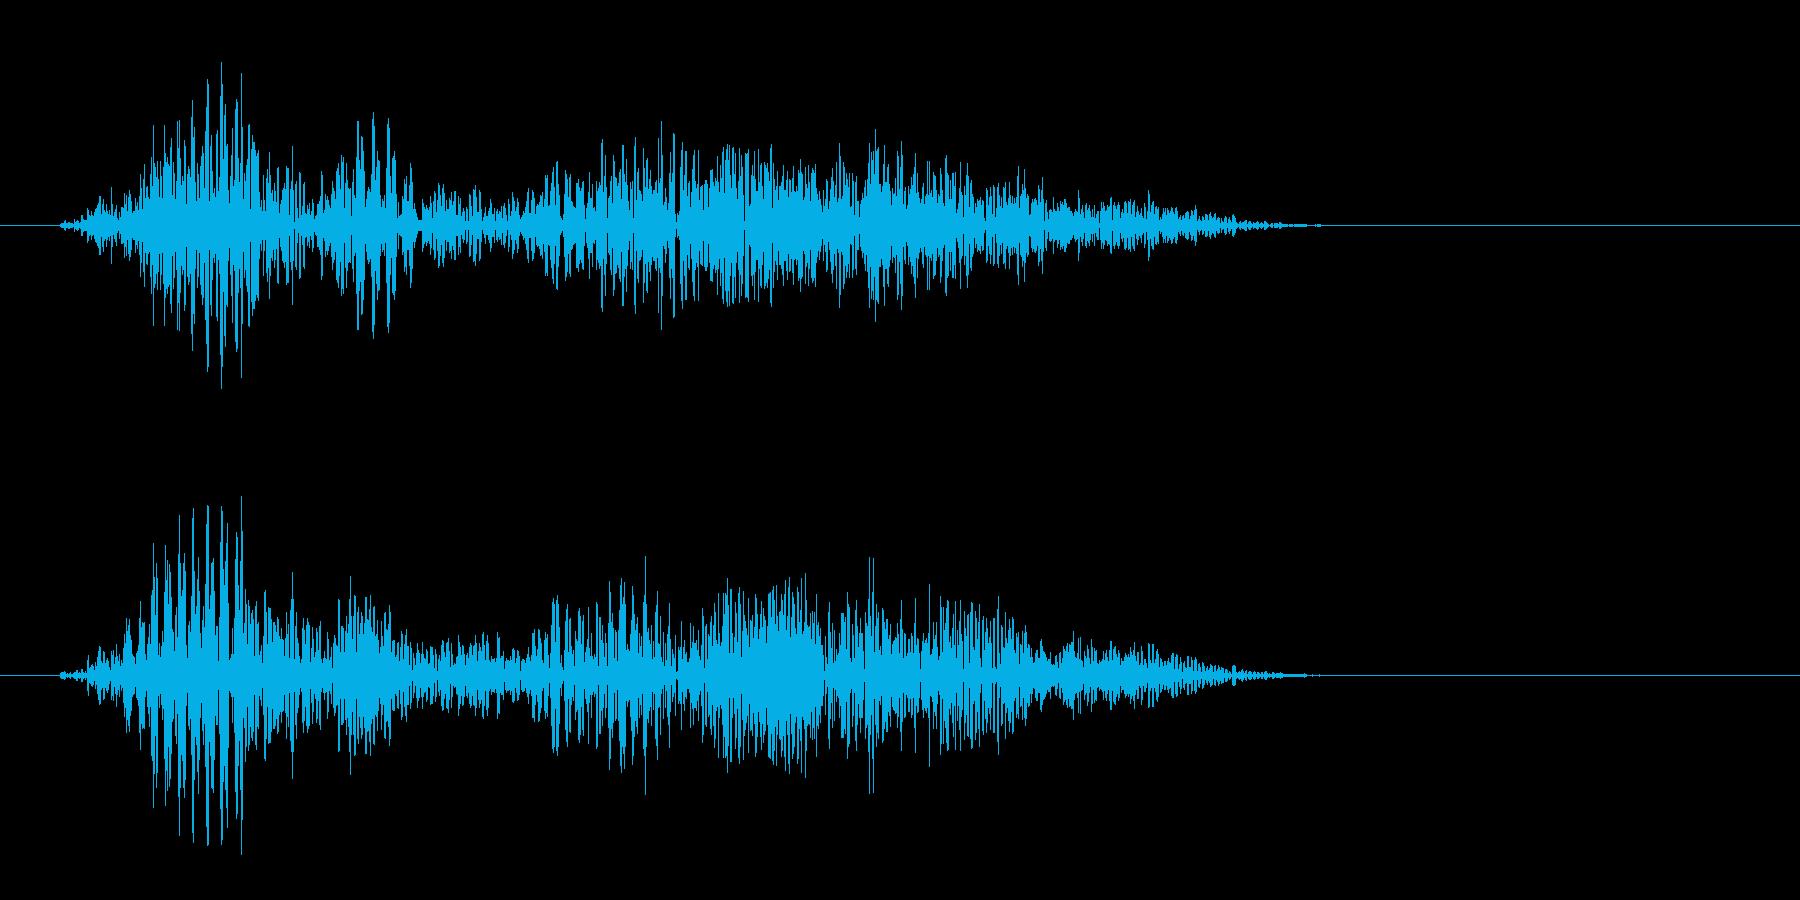 エフェッという強い効果音の再生済みの波形